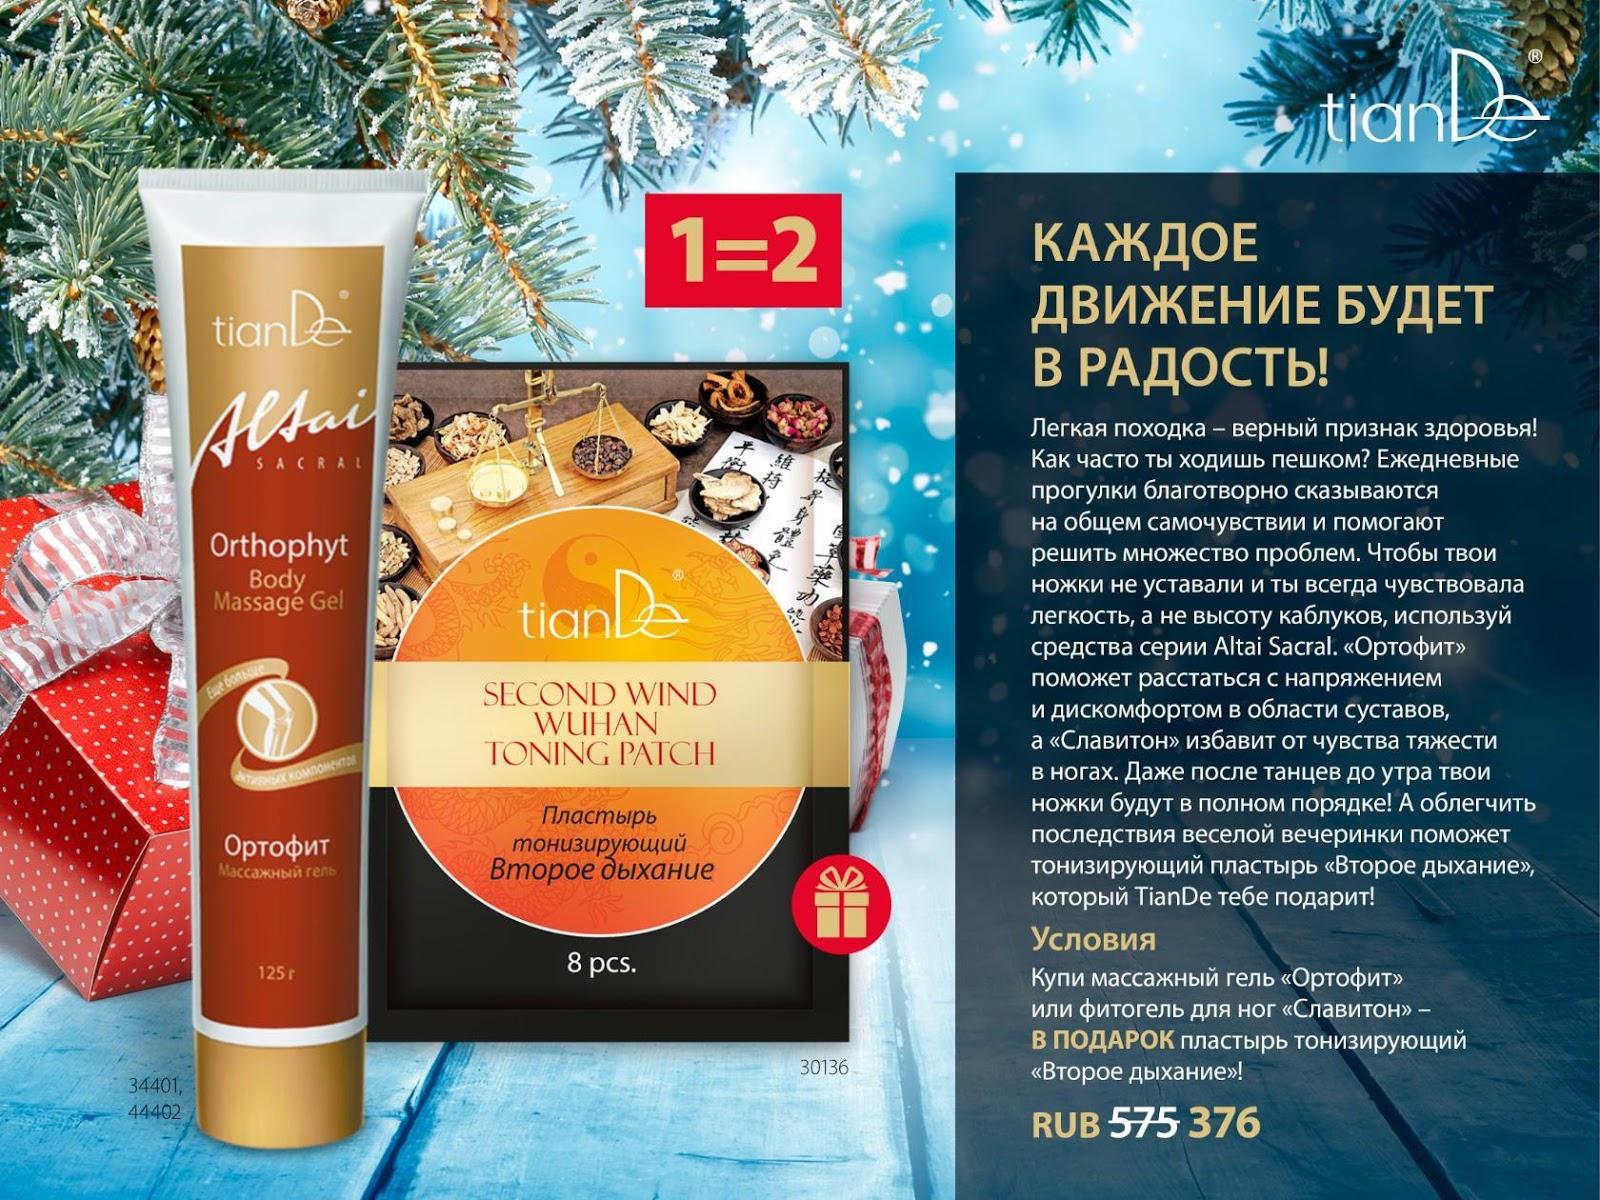 Косметика тианде купить в саратове косметика ruby rose купить интернет магазин в москве